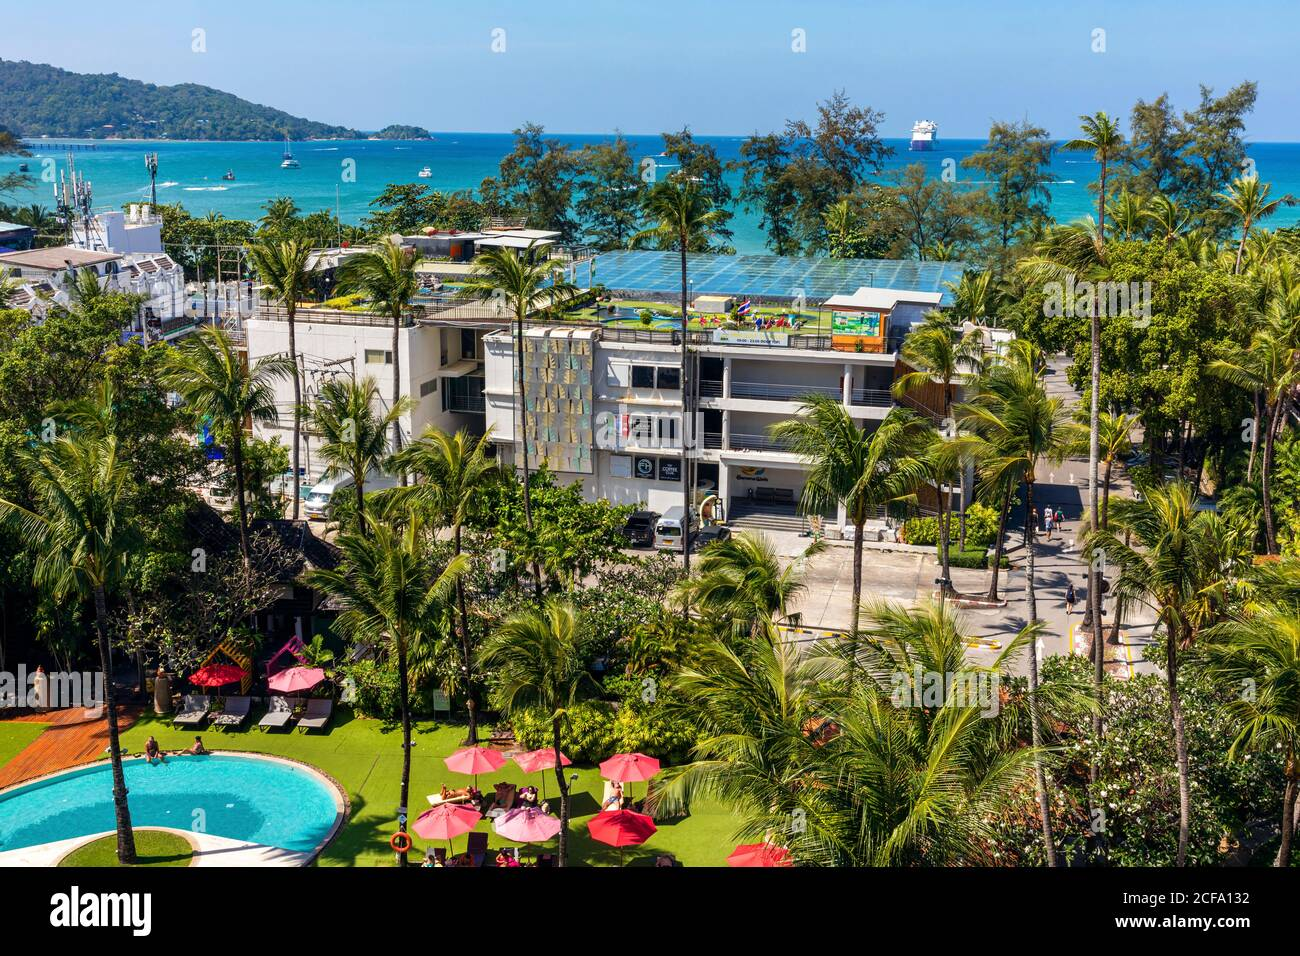 Hôtel et jardins avec vue sur la plage de Patong, Phuket, Thaïlande Banque D'Images